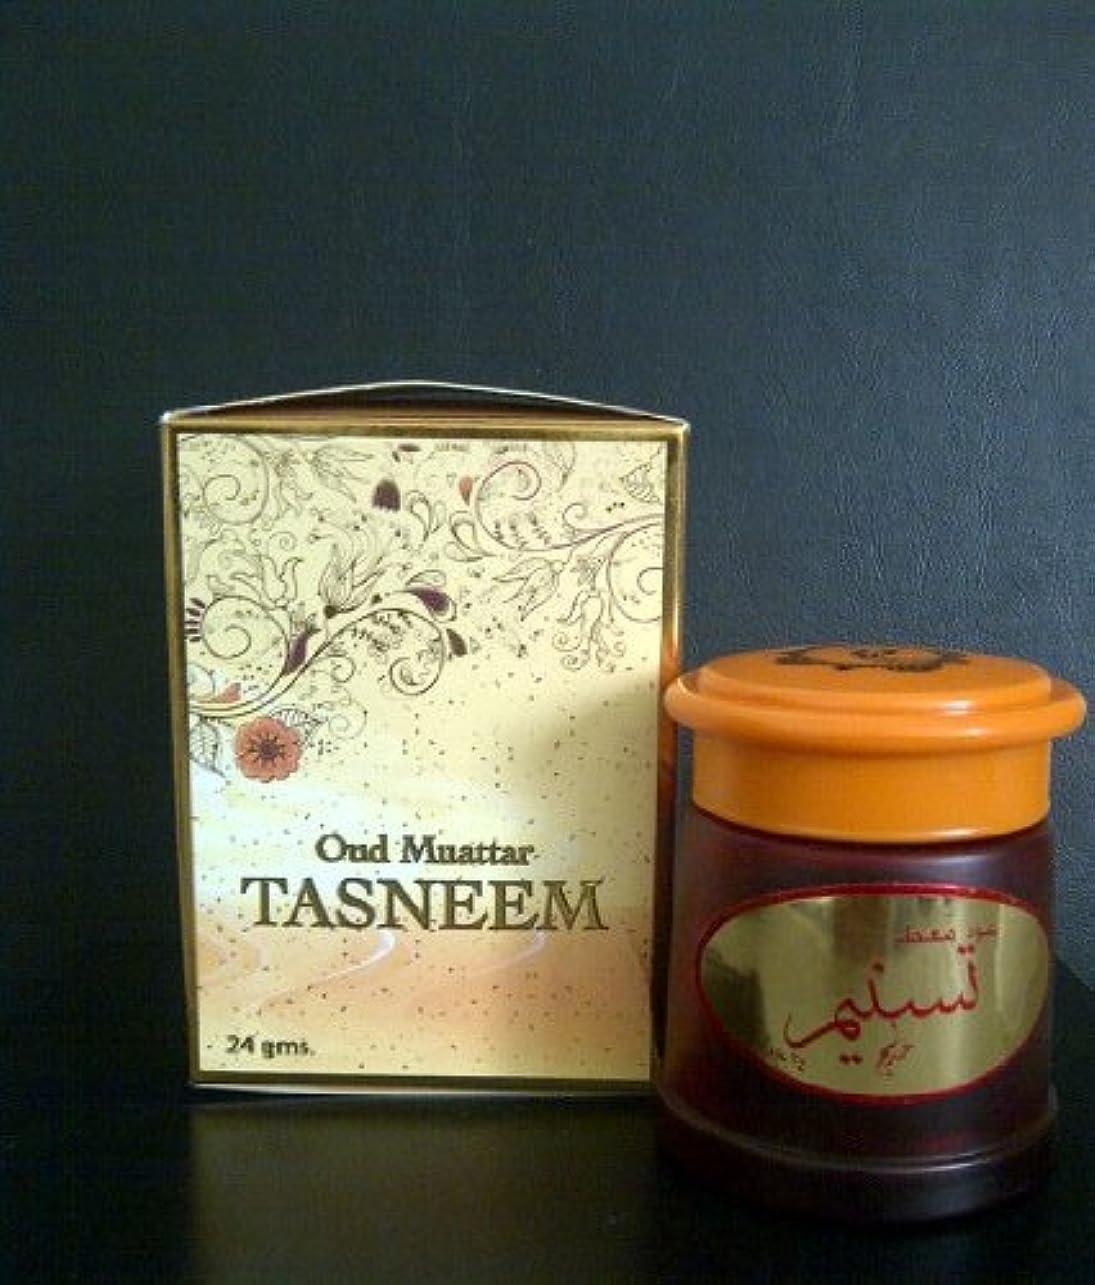 デイジー歯痛一流Oud Muattar Tasneem BakhoorムスクAmber Fragrance Burner Khadlaj AIR FRESHNER 24 g